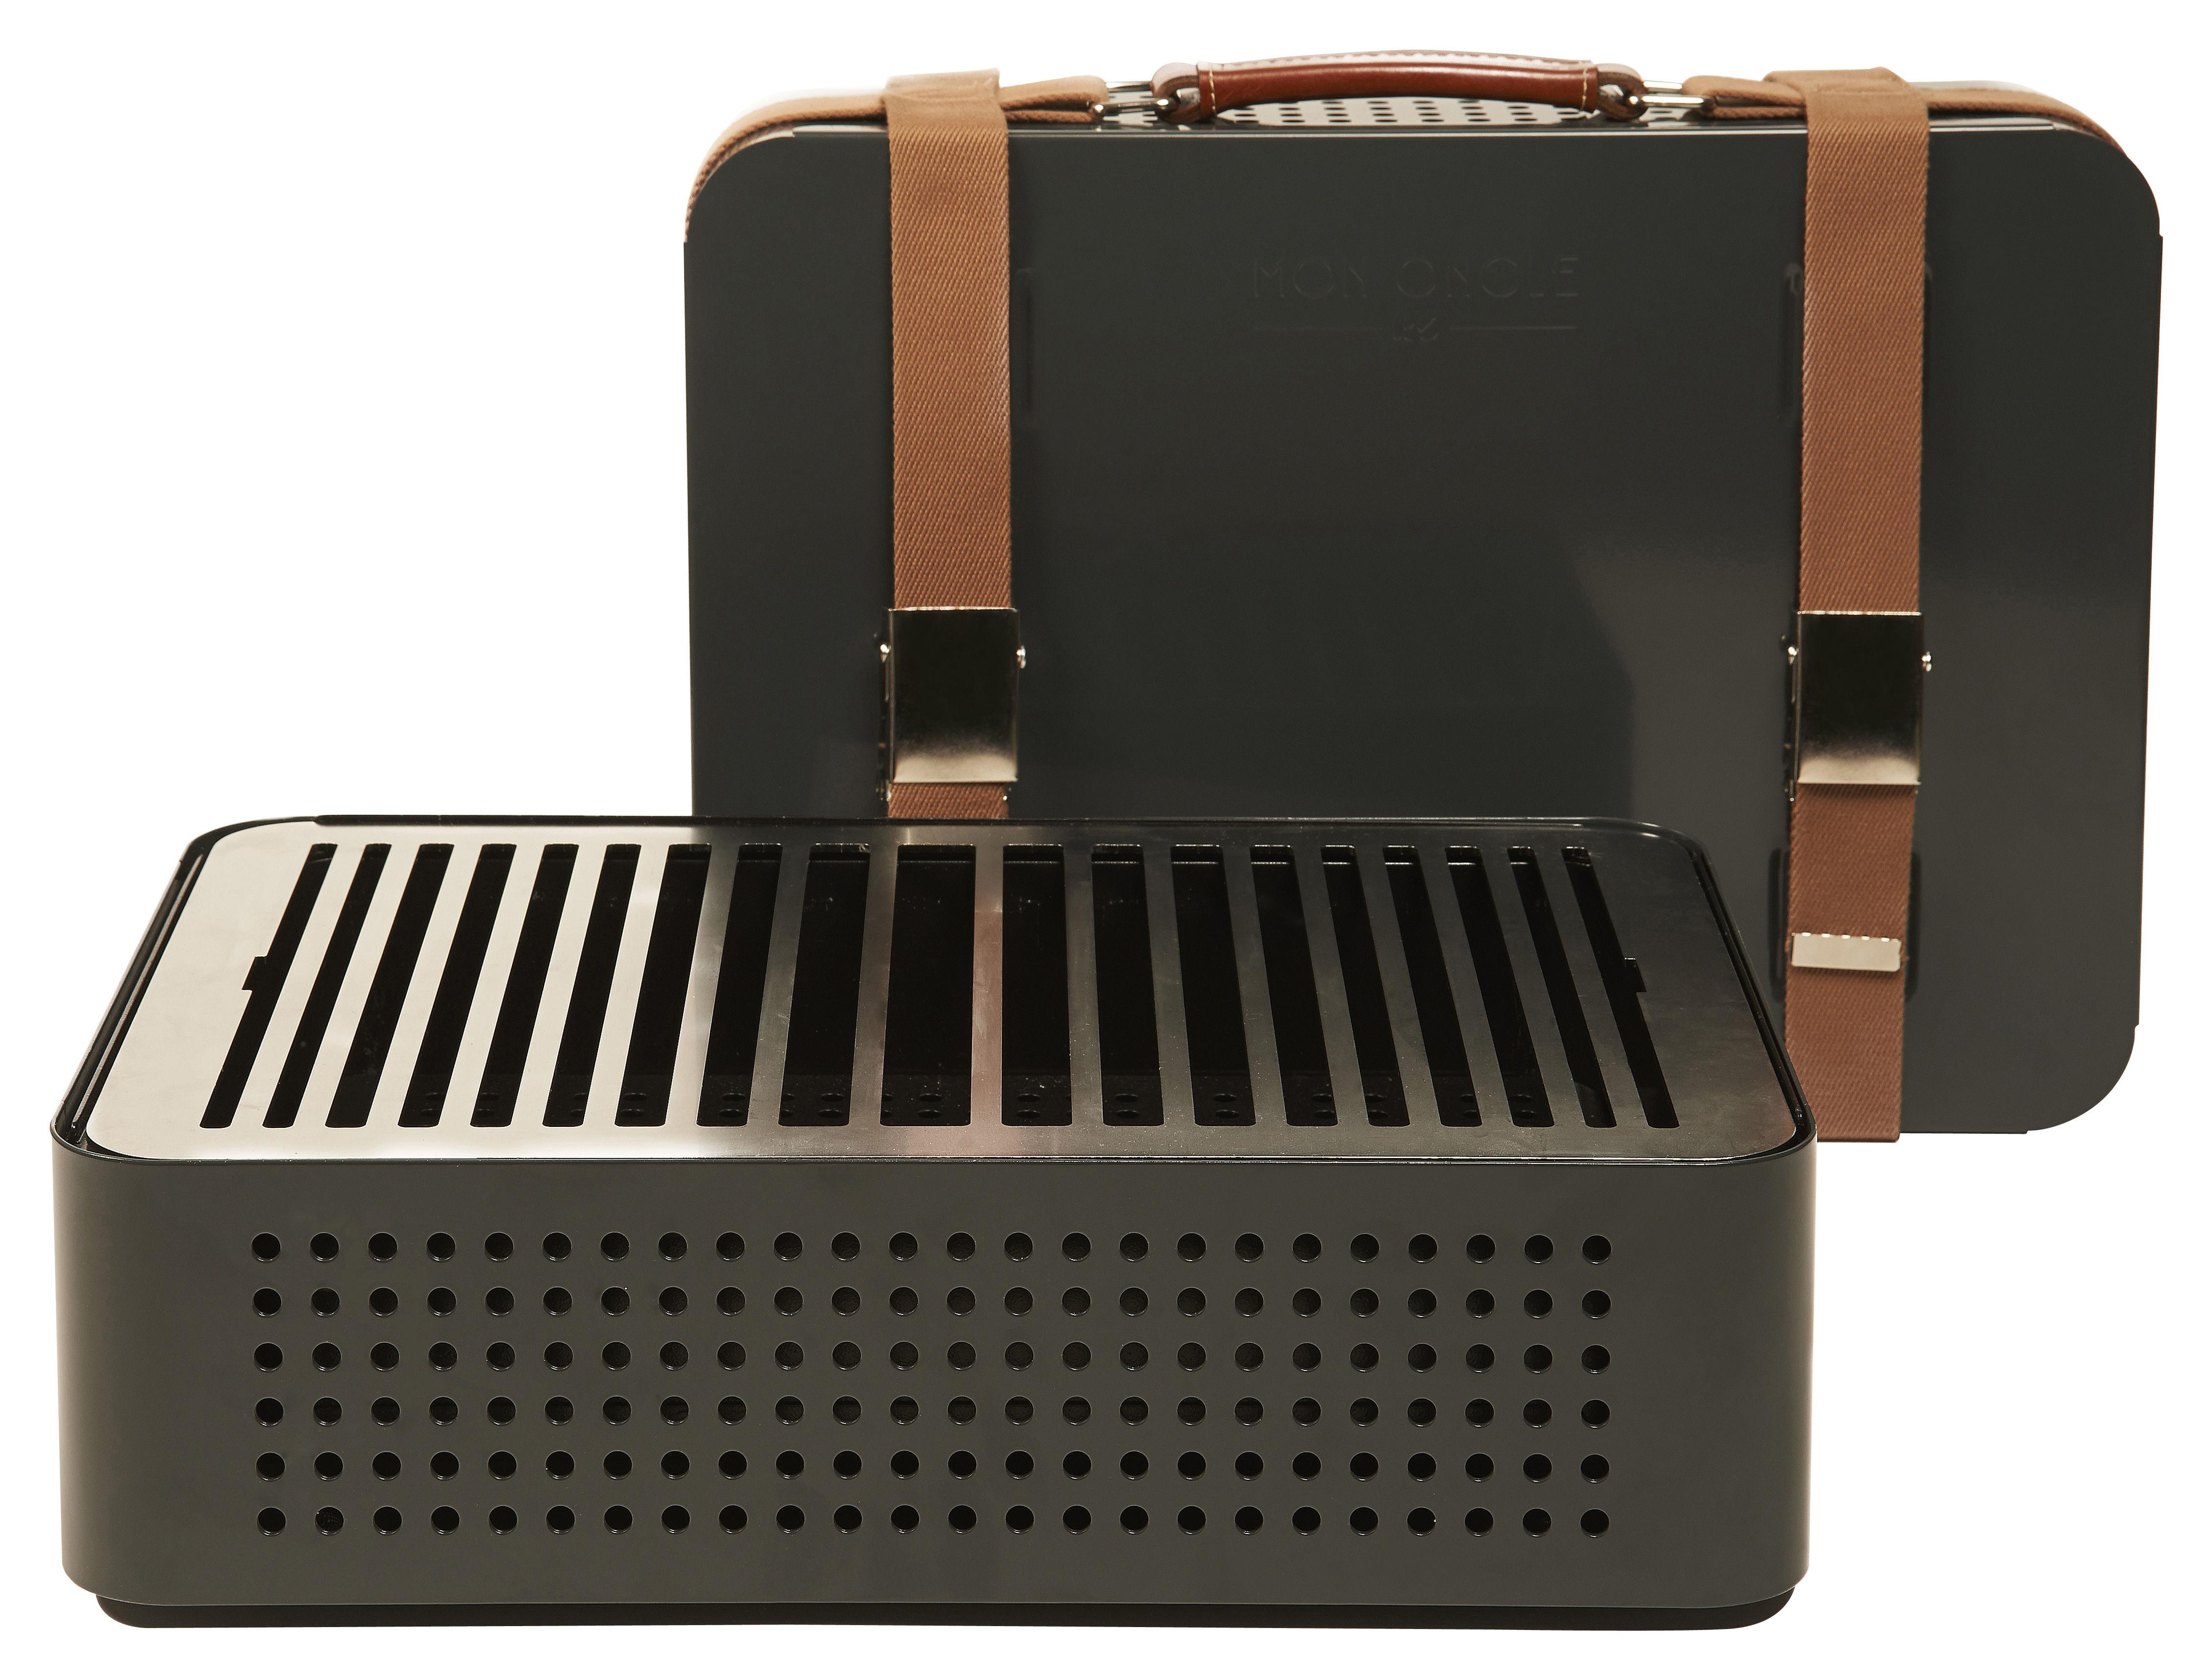 Barbecue portable charbon mon oncle 44 x 32 cm gris - Barbecue portable charbon ...